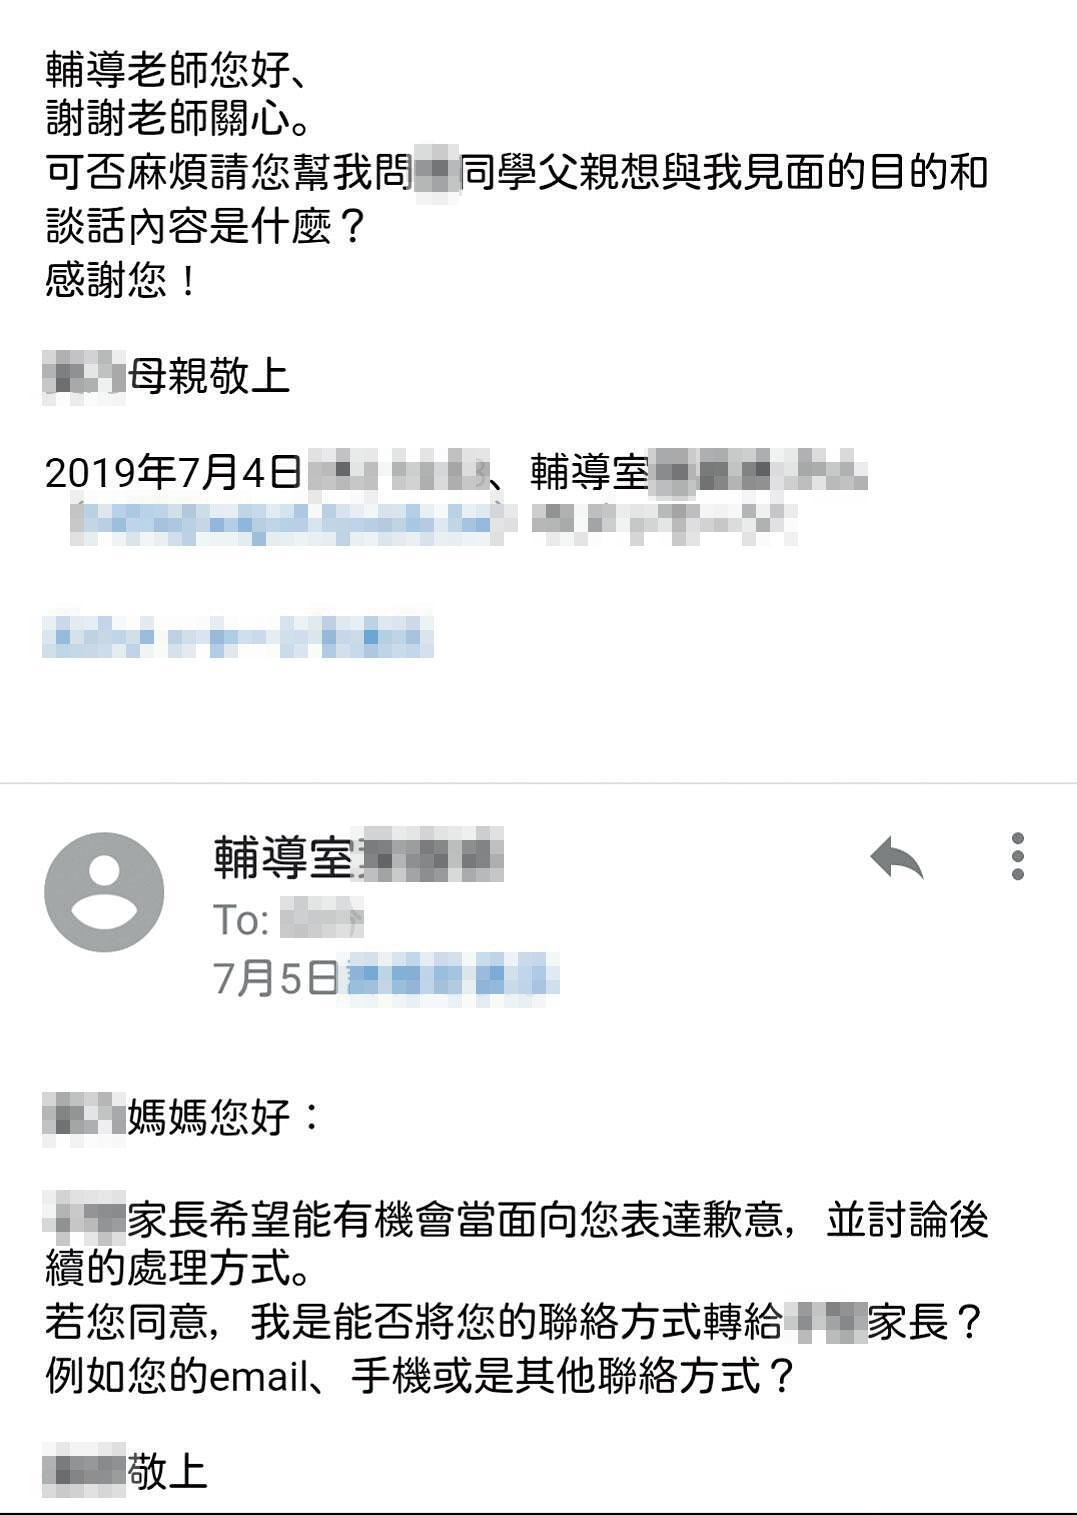 學校輔導室曾寄電子郵件給被害學生家長,表示加害人家屬願當面致歉。(投訴人提供)